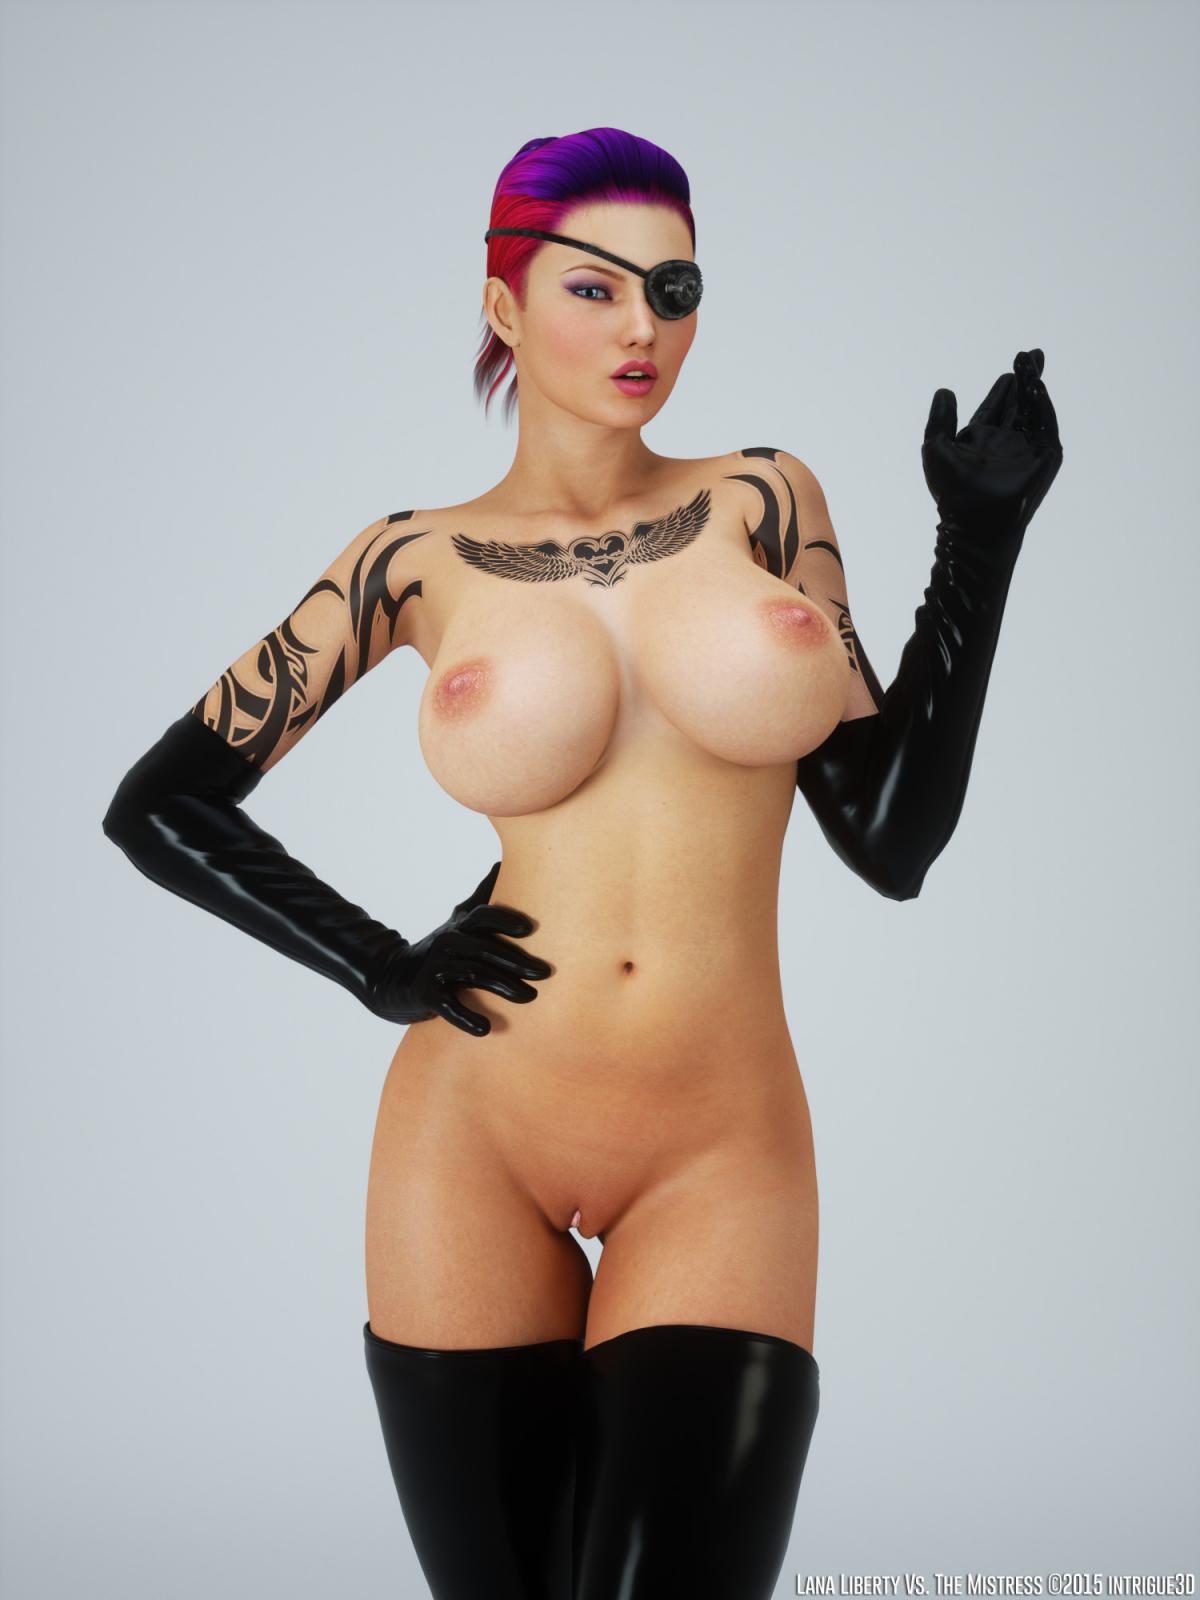 Hình ảnh 38856214890_1aa657f5ef_o trong bài viết Lana Liberty Vs The Mistress